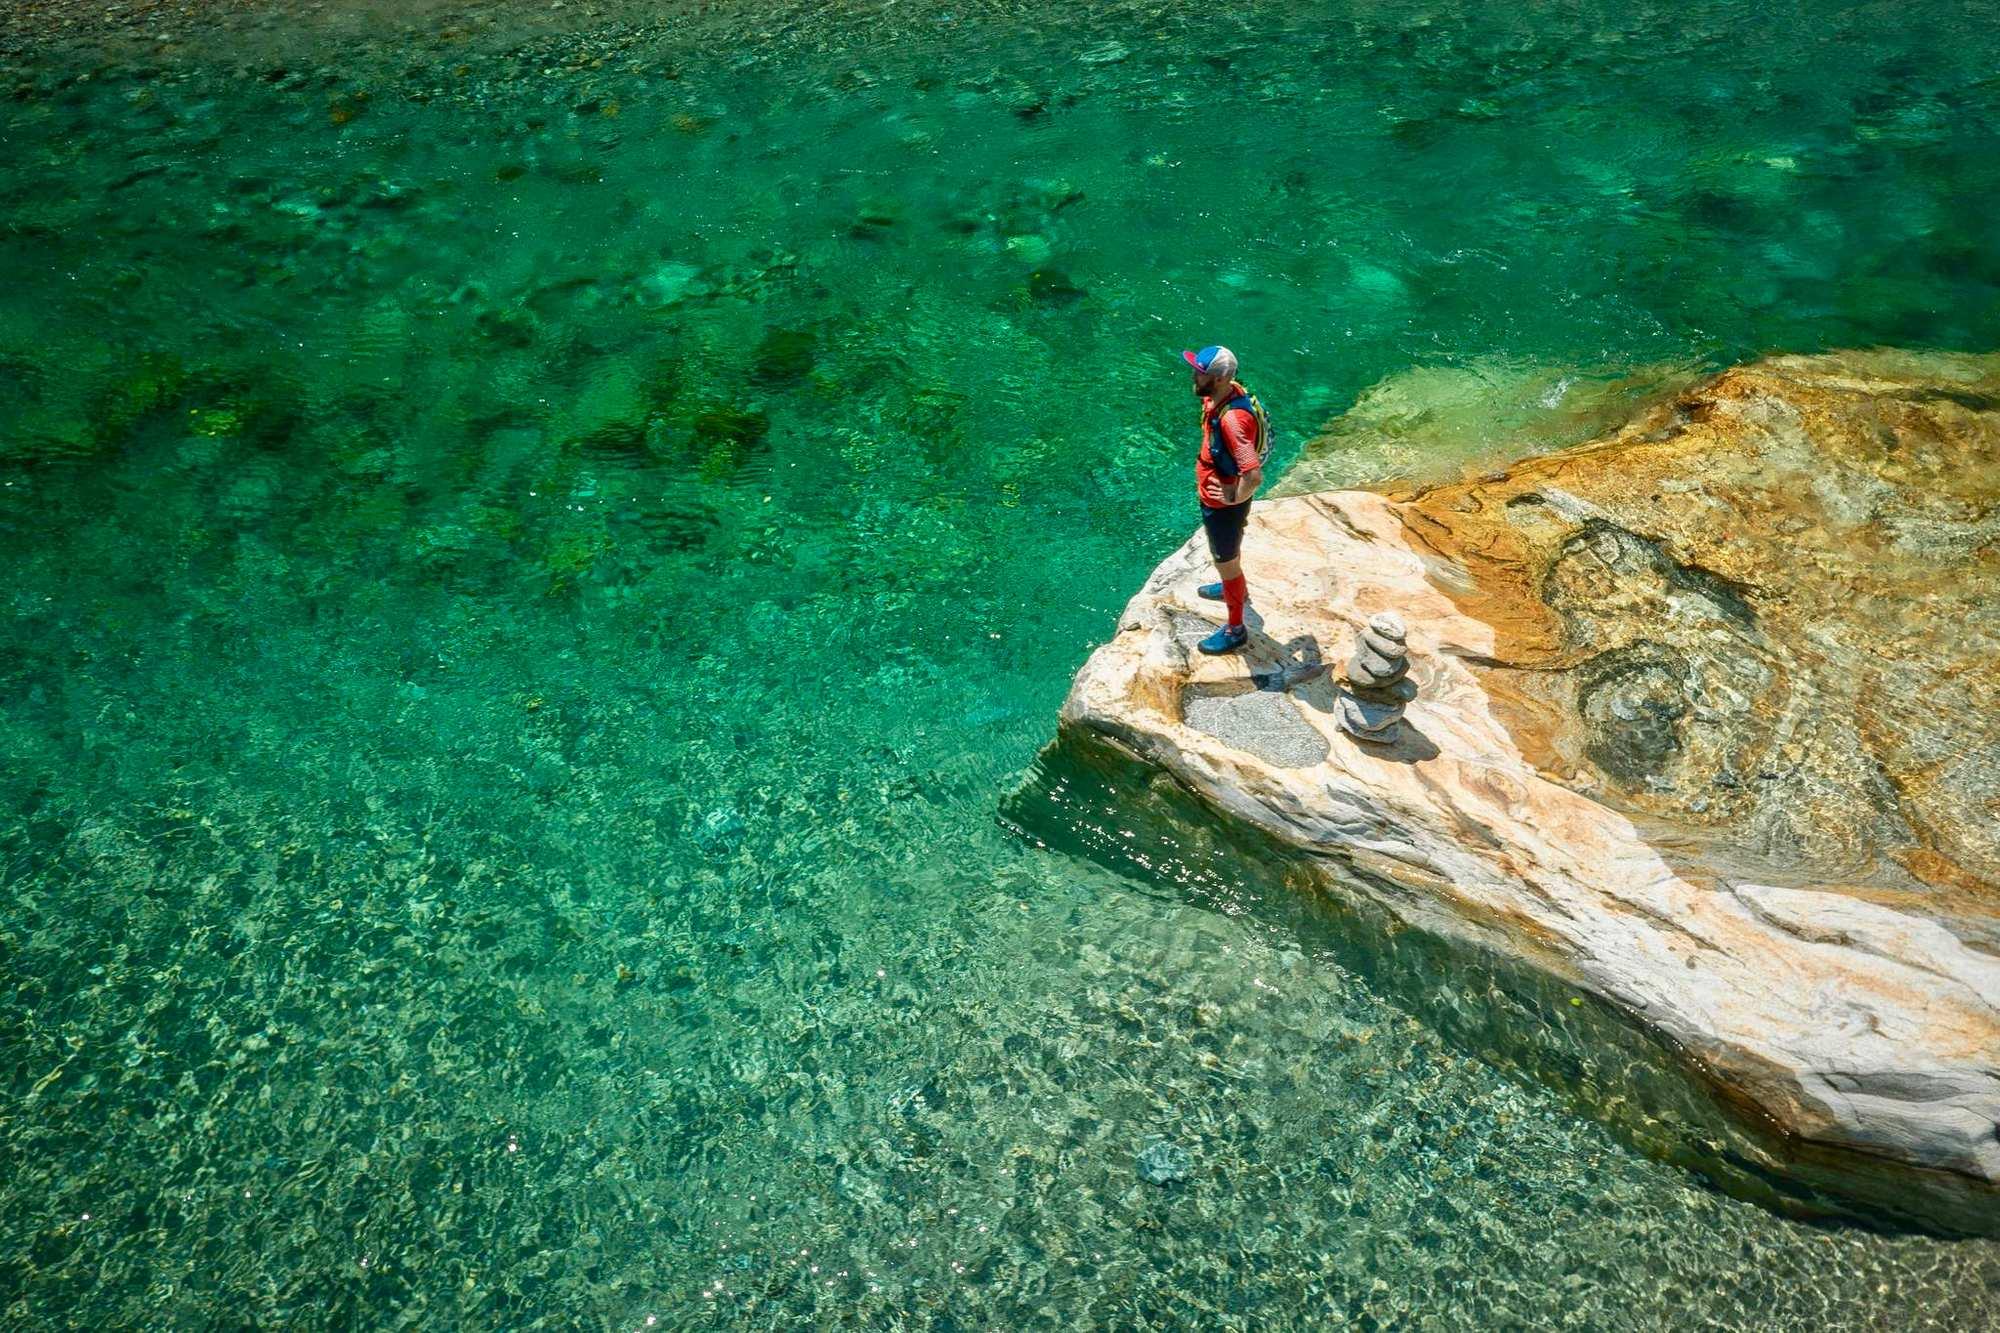 Trailrunning Top 5 in Ascona Locarno